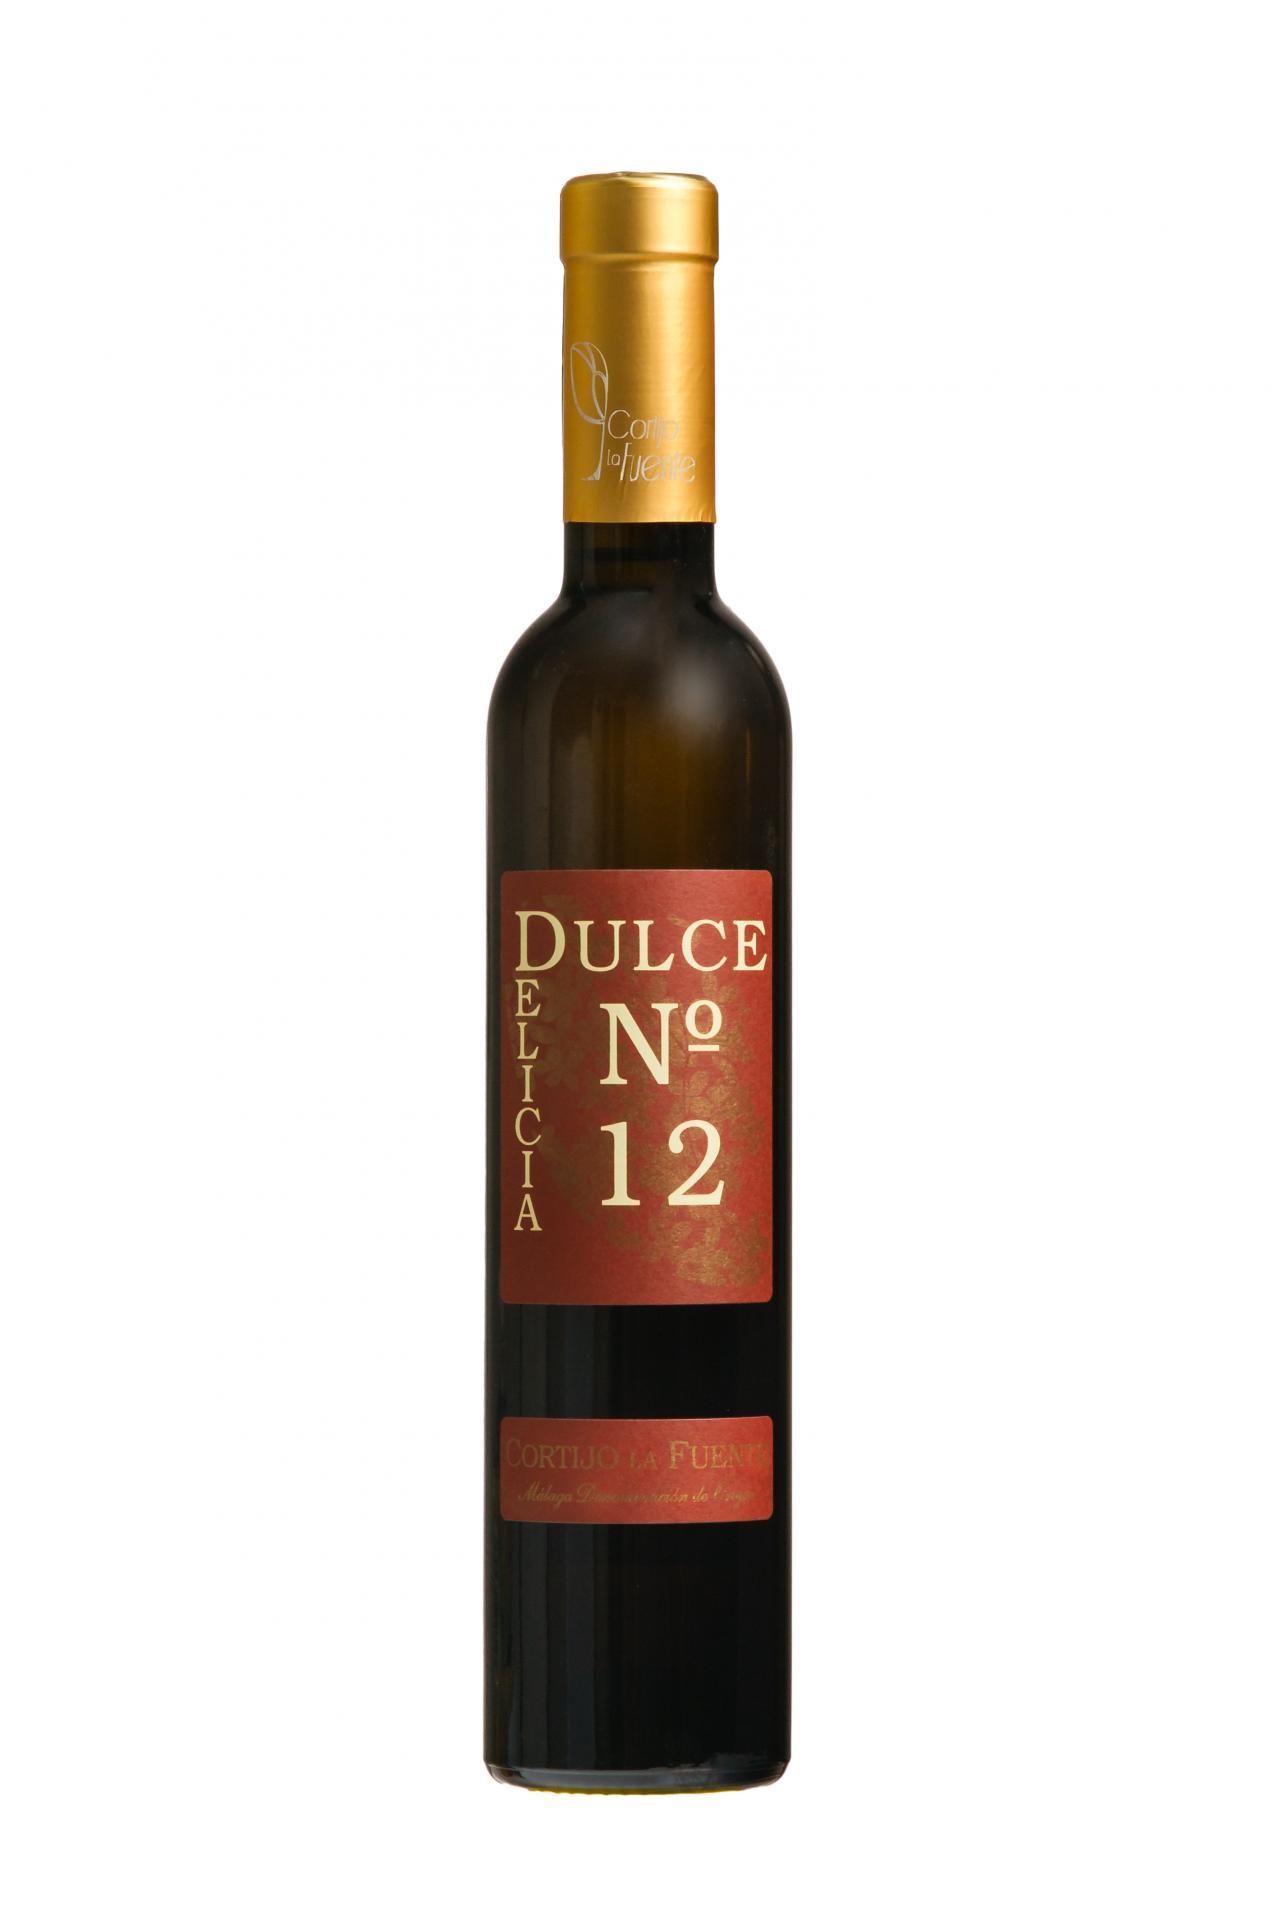 Dulce Delicia Nº12